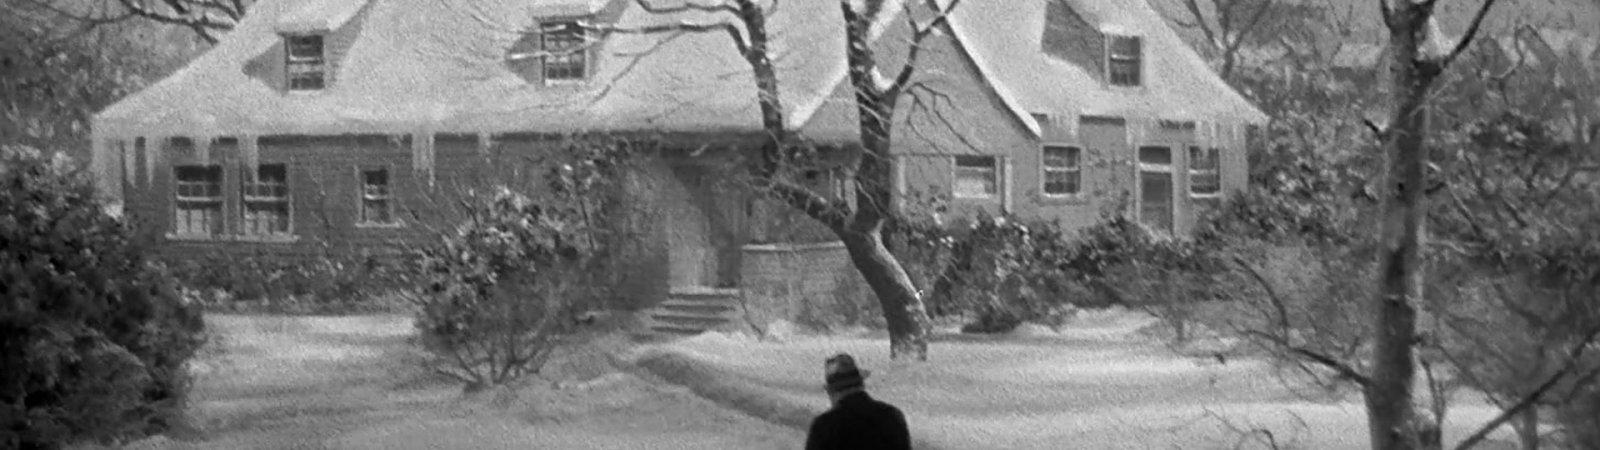 Photo dernier film Victor Moore